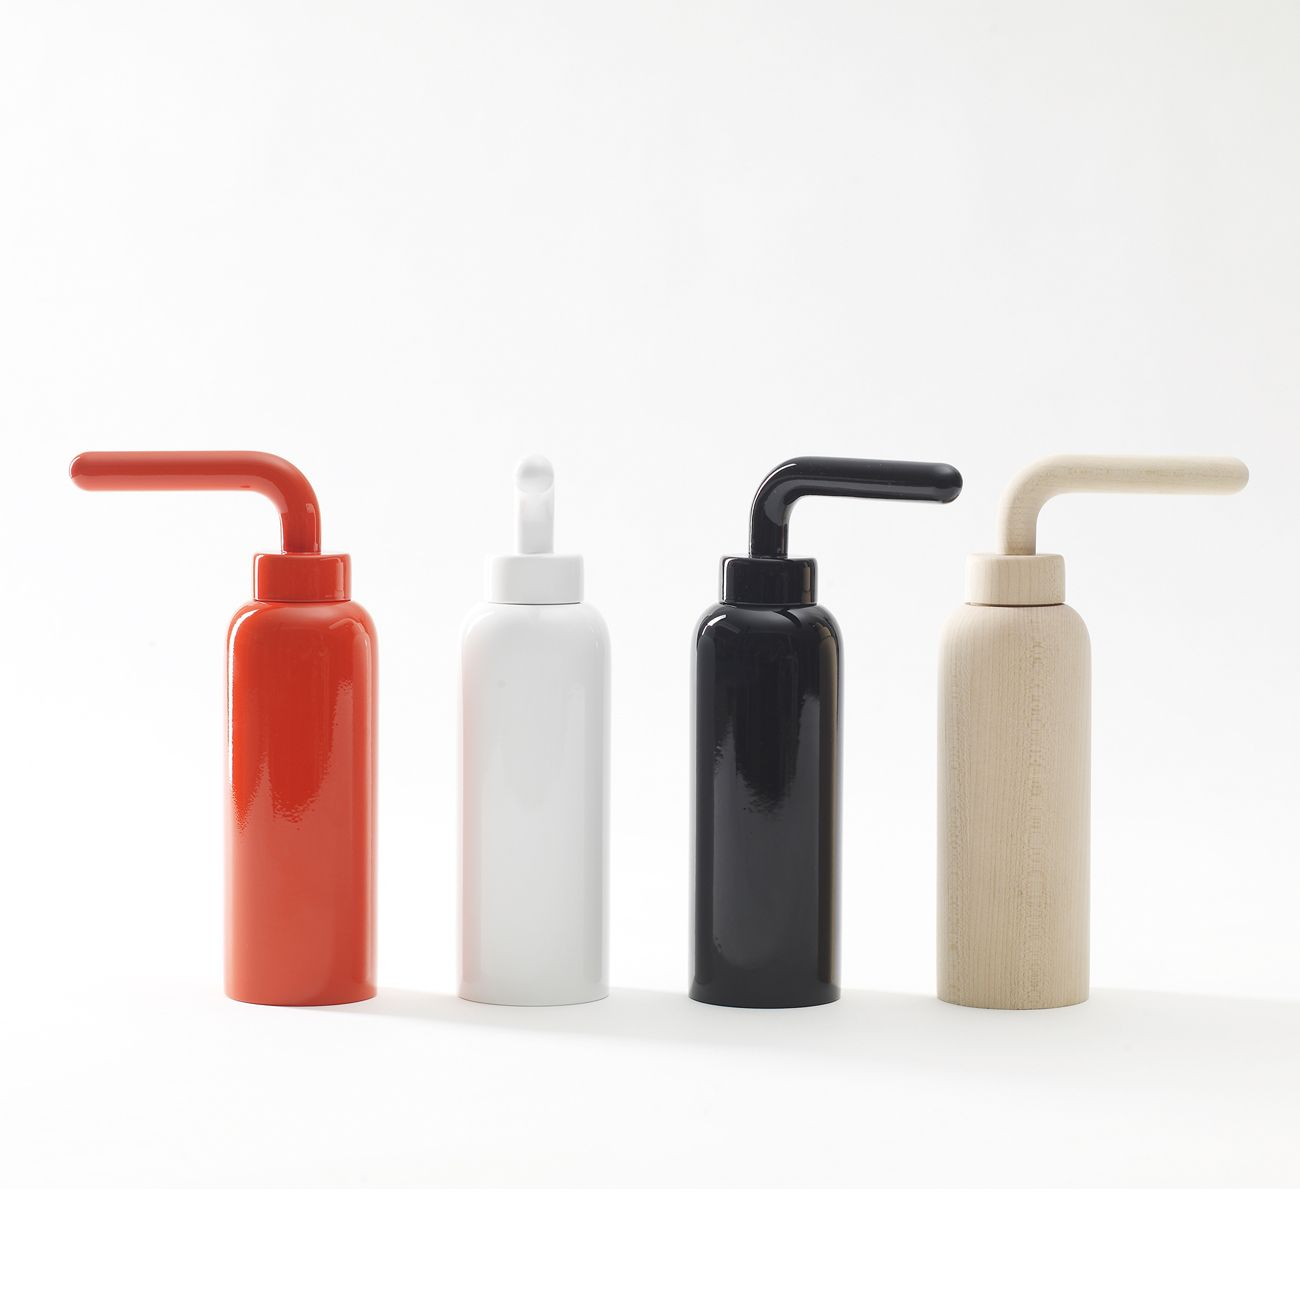 √ Helgo spice grinder design by Anne Heinsvig, Christian Uldall